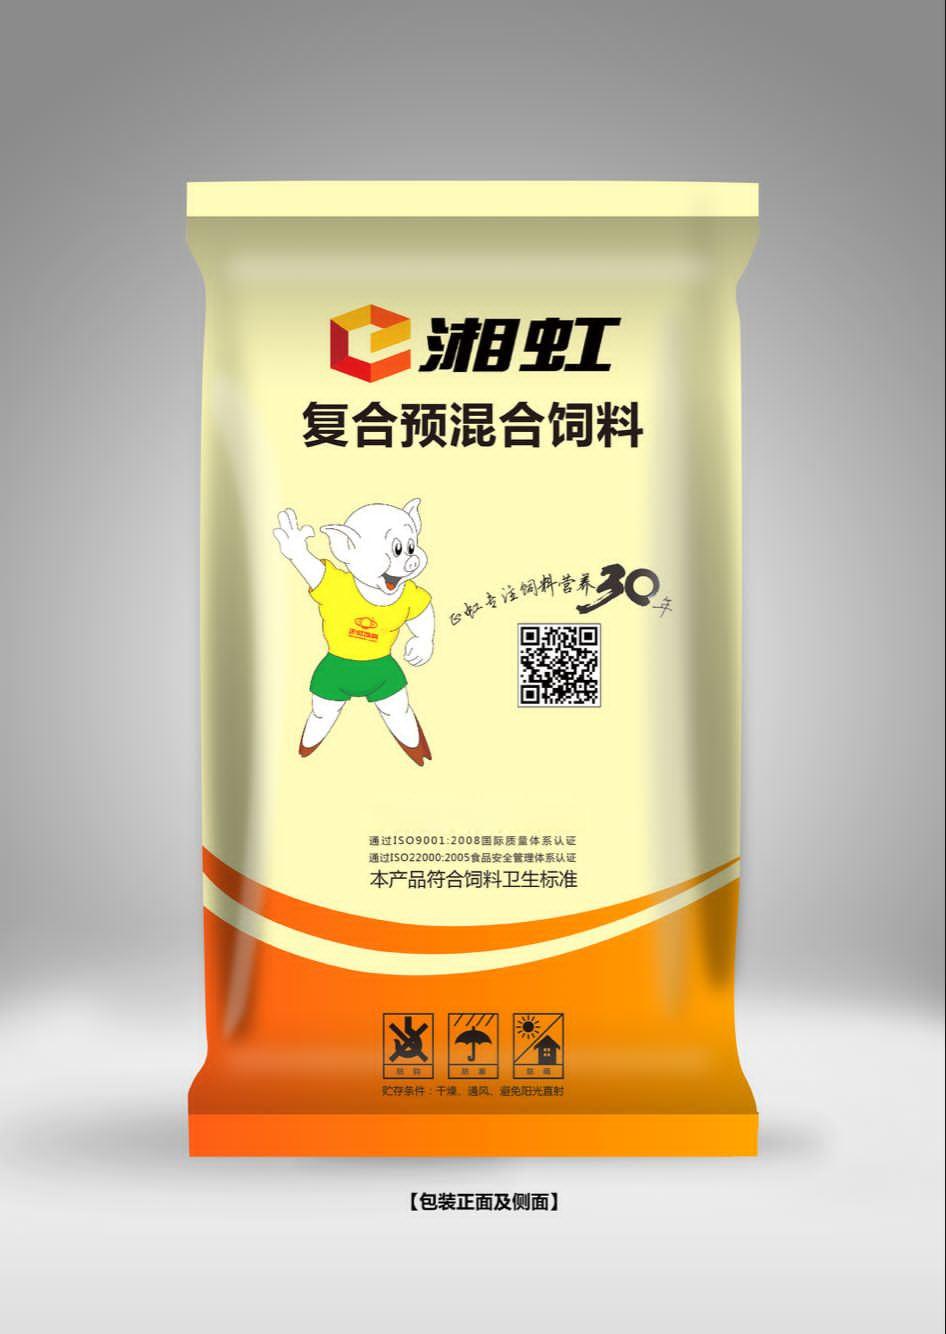 【正虹】8%怀孕母猪复合预混合利来娱乐app  eXH849